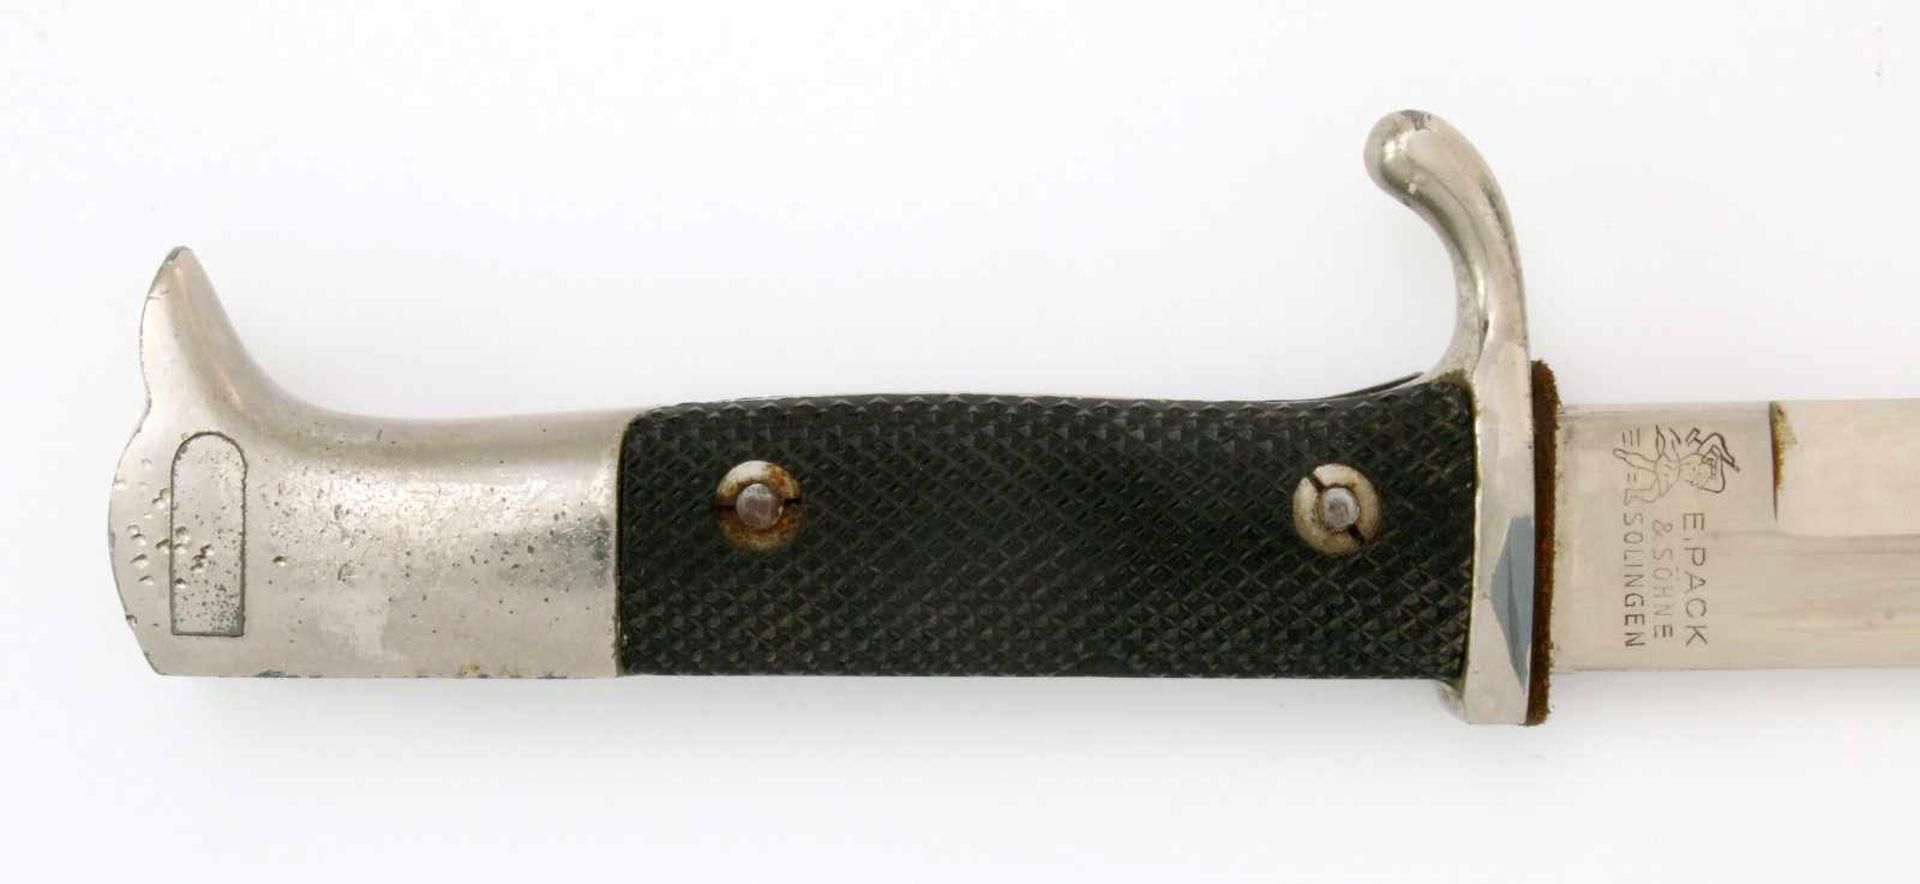 Deutsches Reich - Extra-Seitengewehr 1884/98Aufpflanzbares Eigentumsstück. Blanke, vernickelte, - Bild 4 aus 4